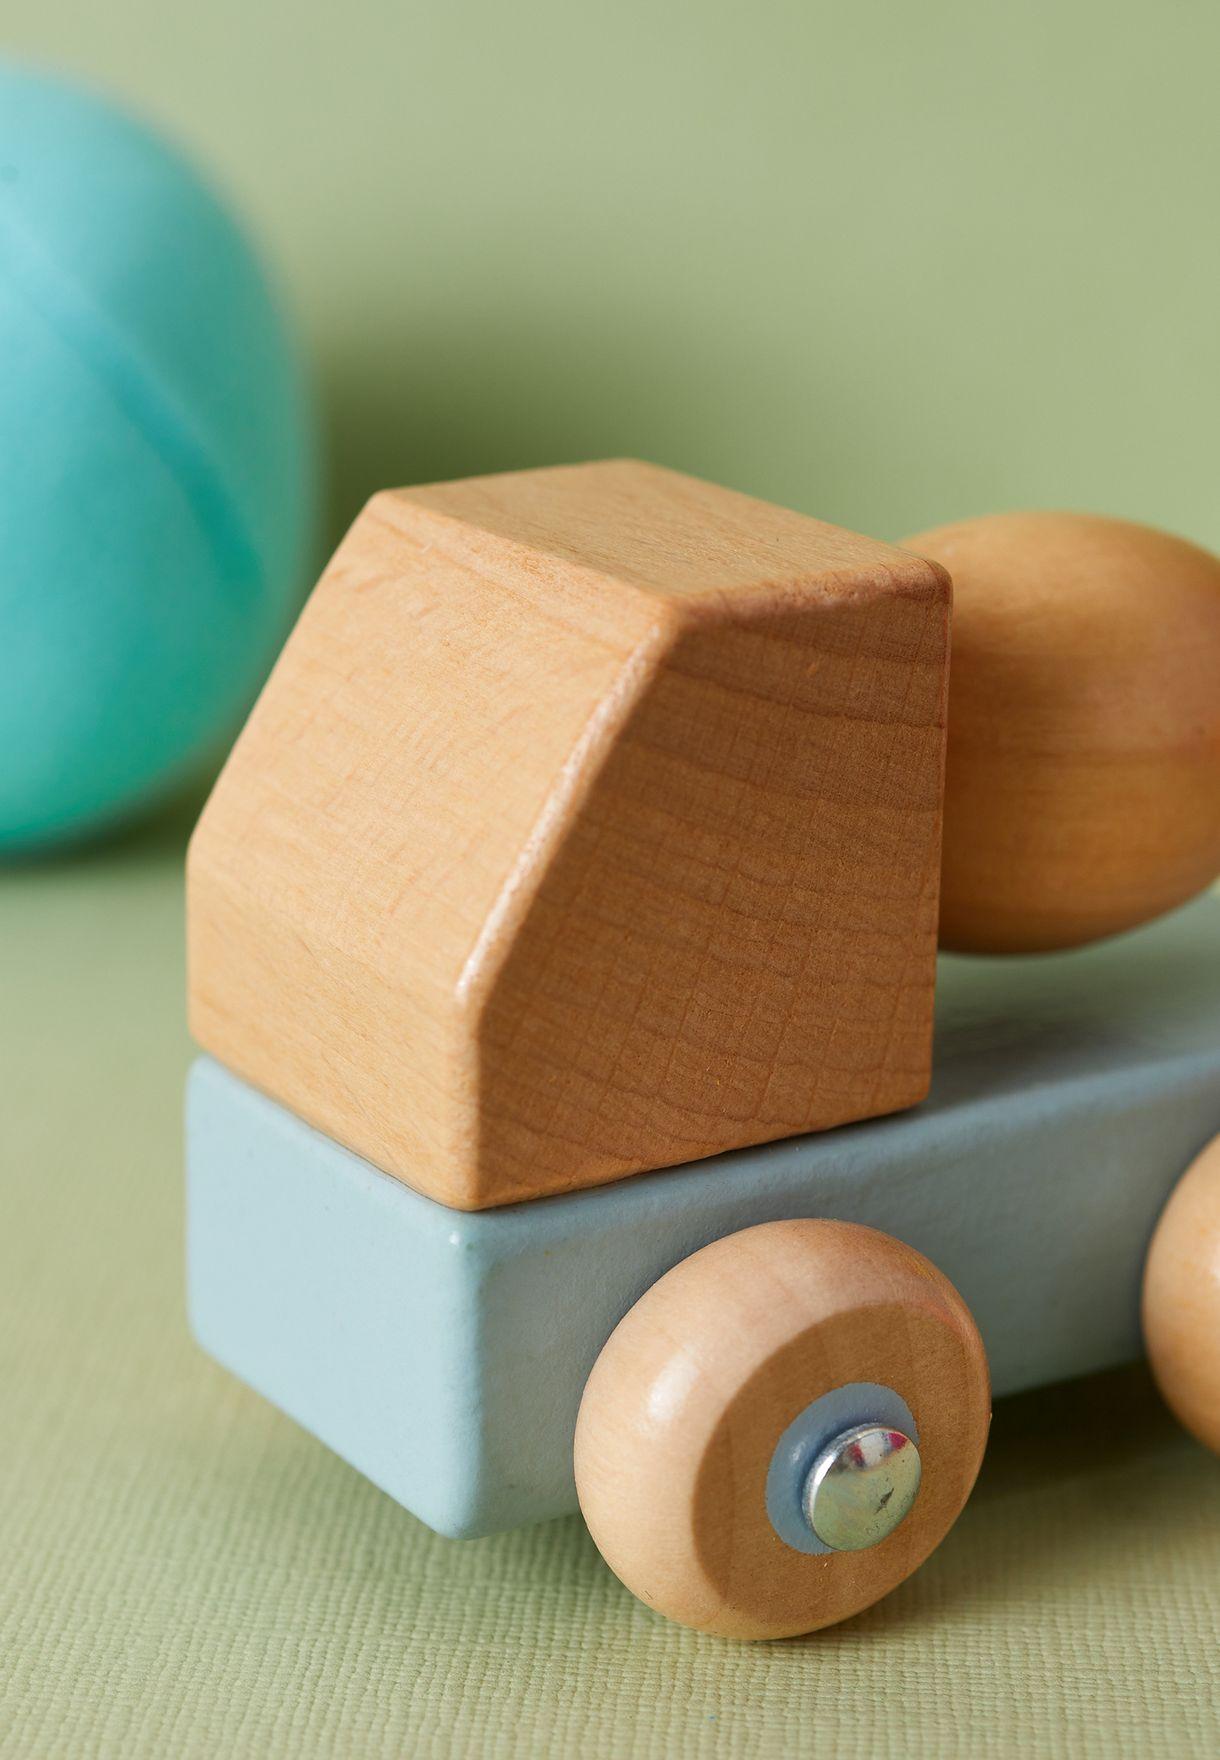 لعبة خشبية خلاط